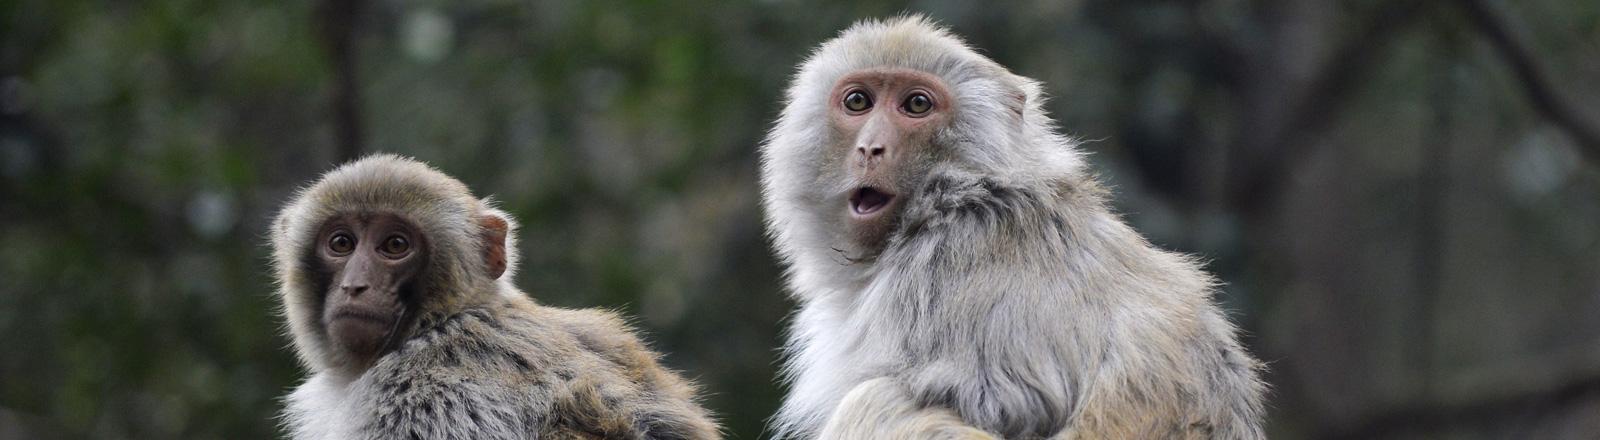 Wilde Makaken-Affen in China